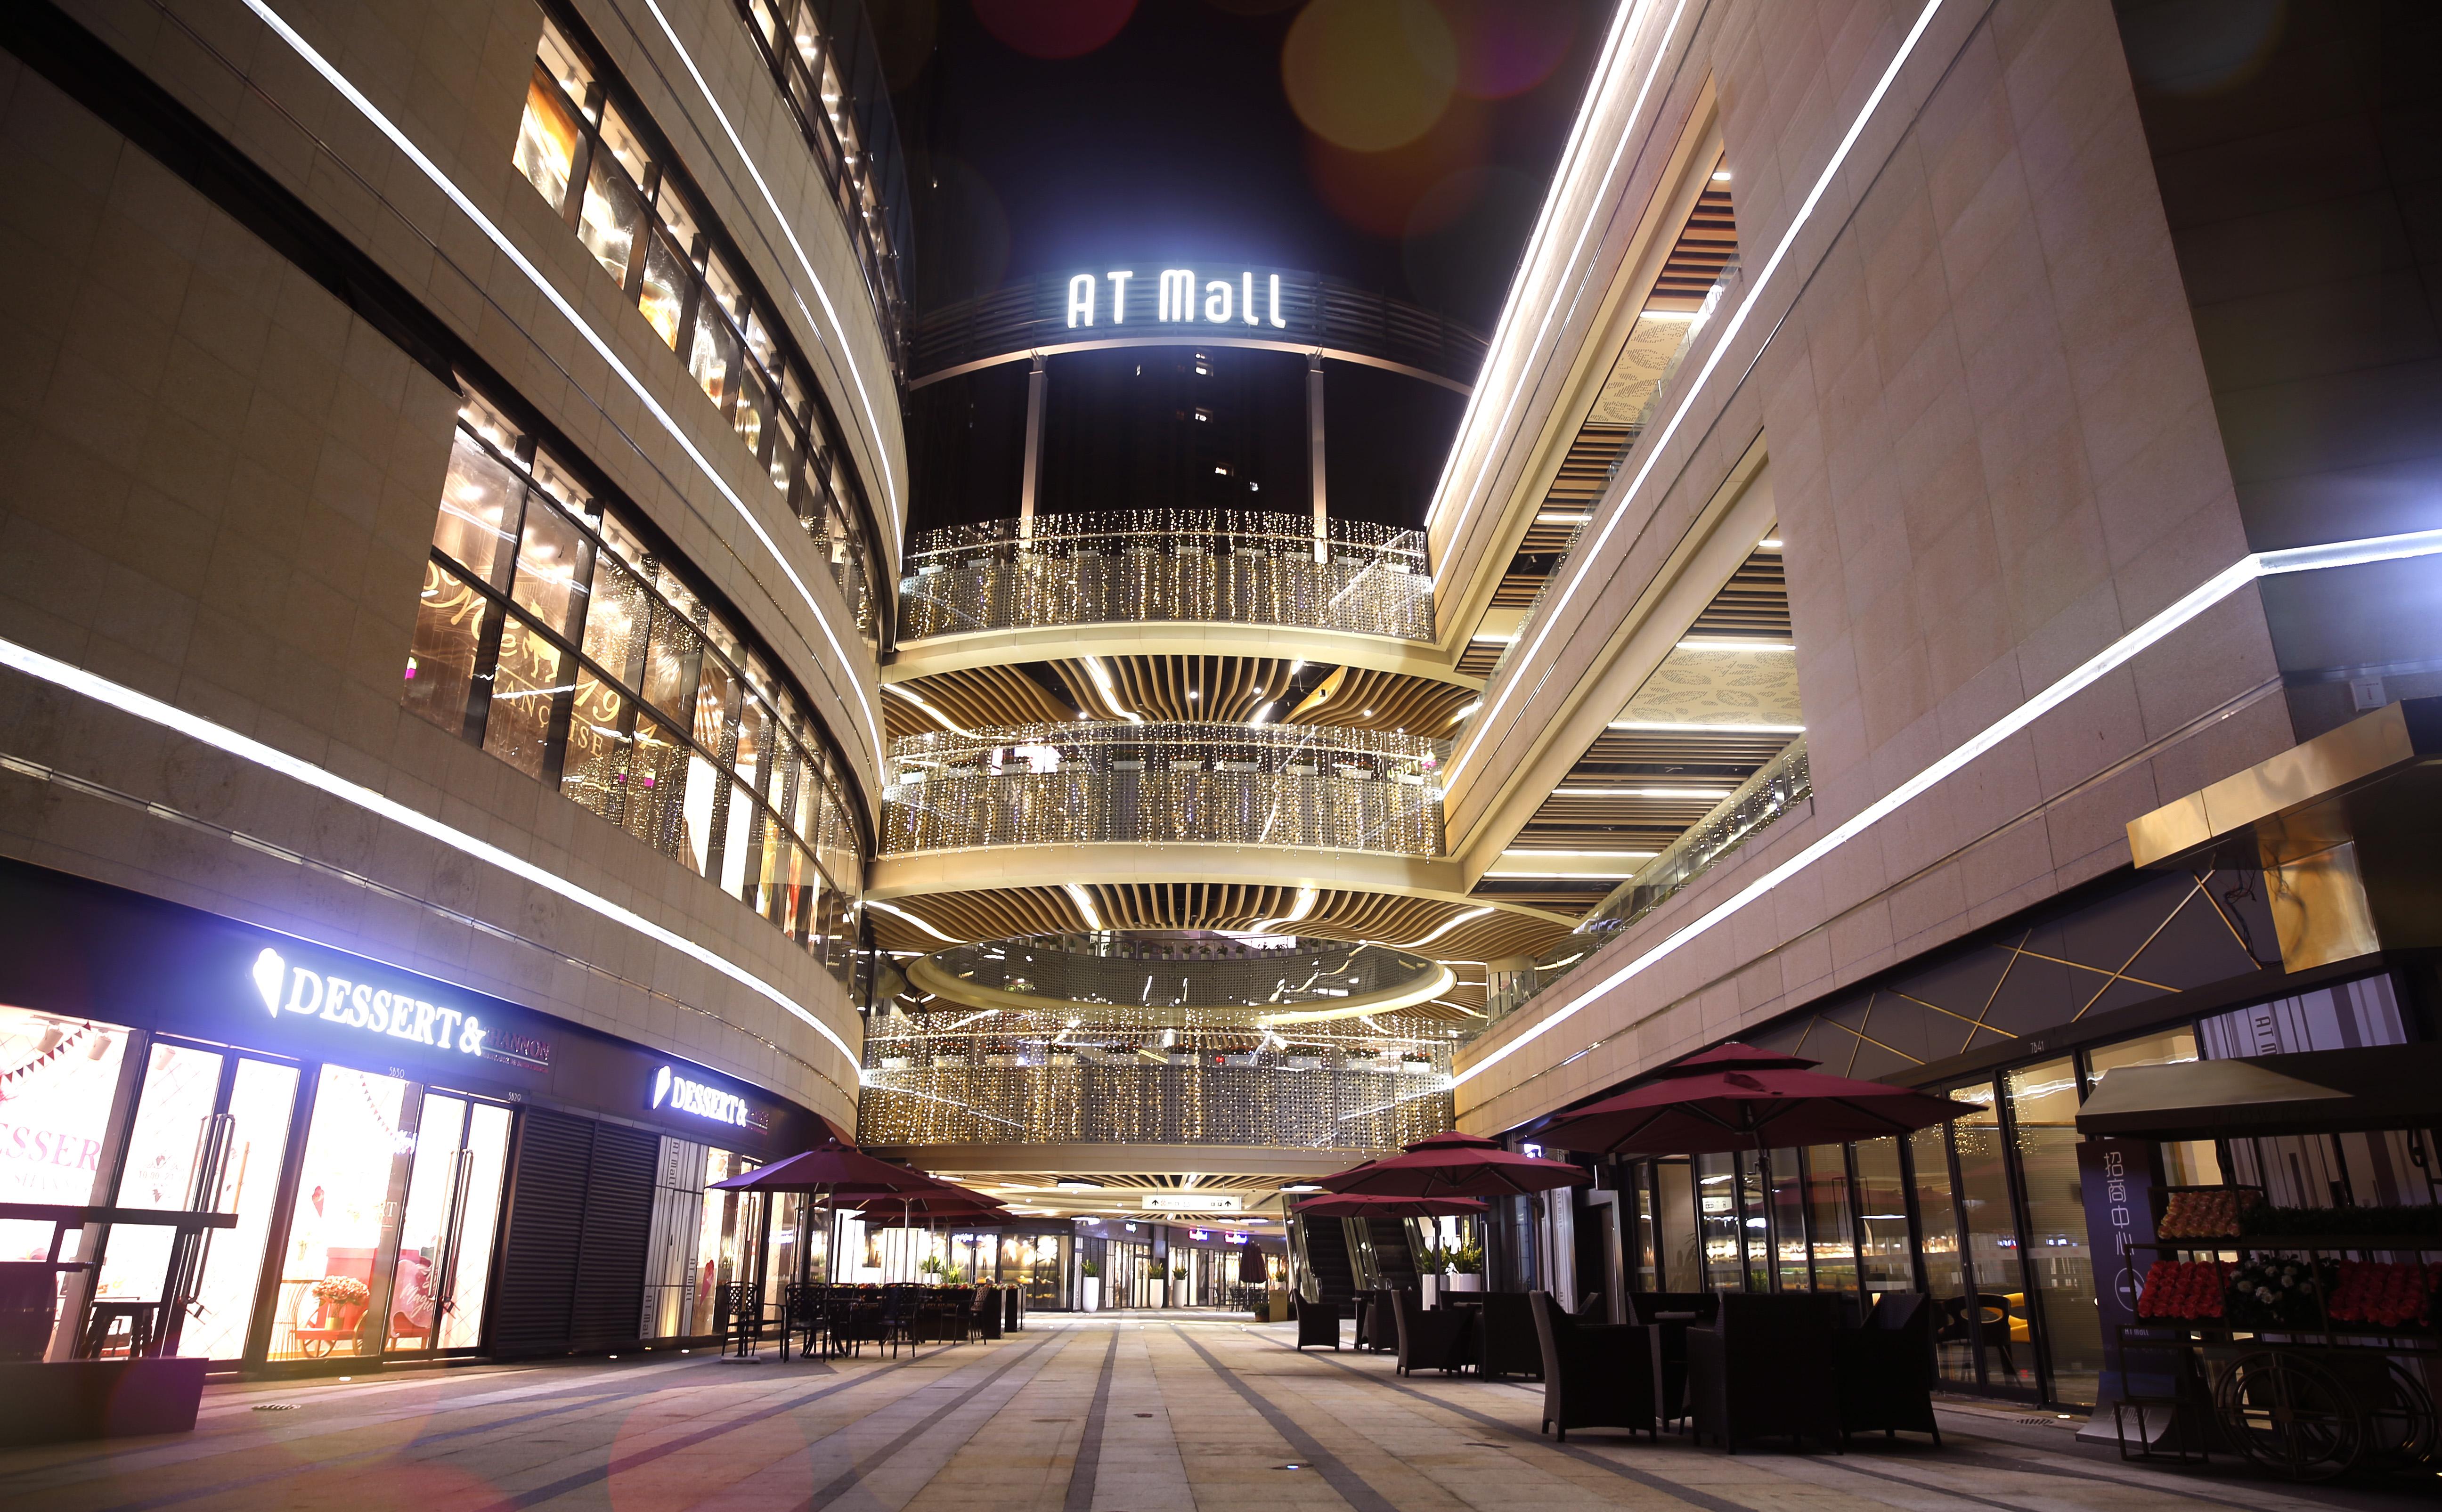 深圳龙华AT mall上塘荟